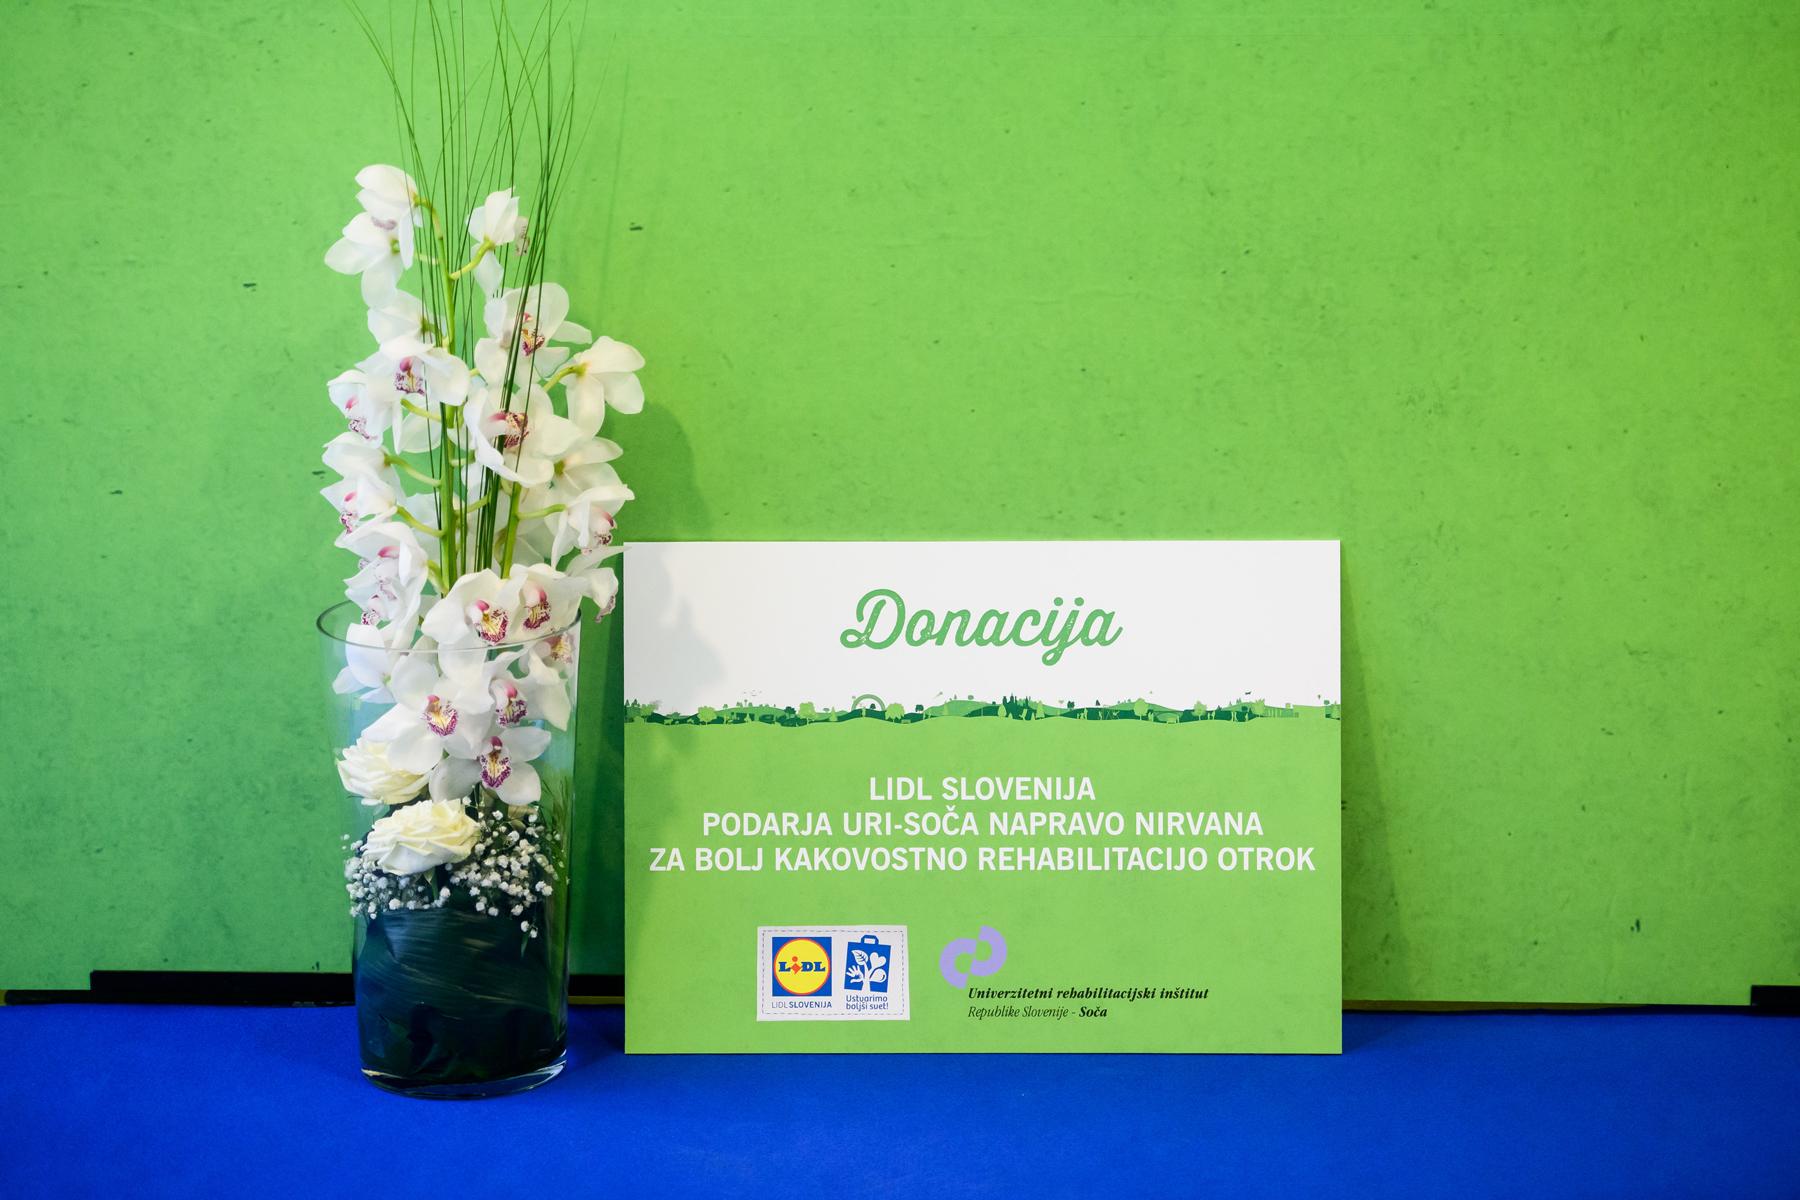 Donacija, ki jo podarja Lidl URI-SOČA